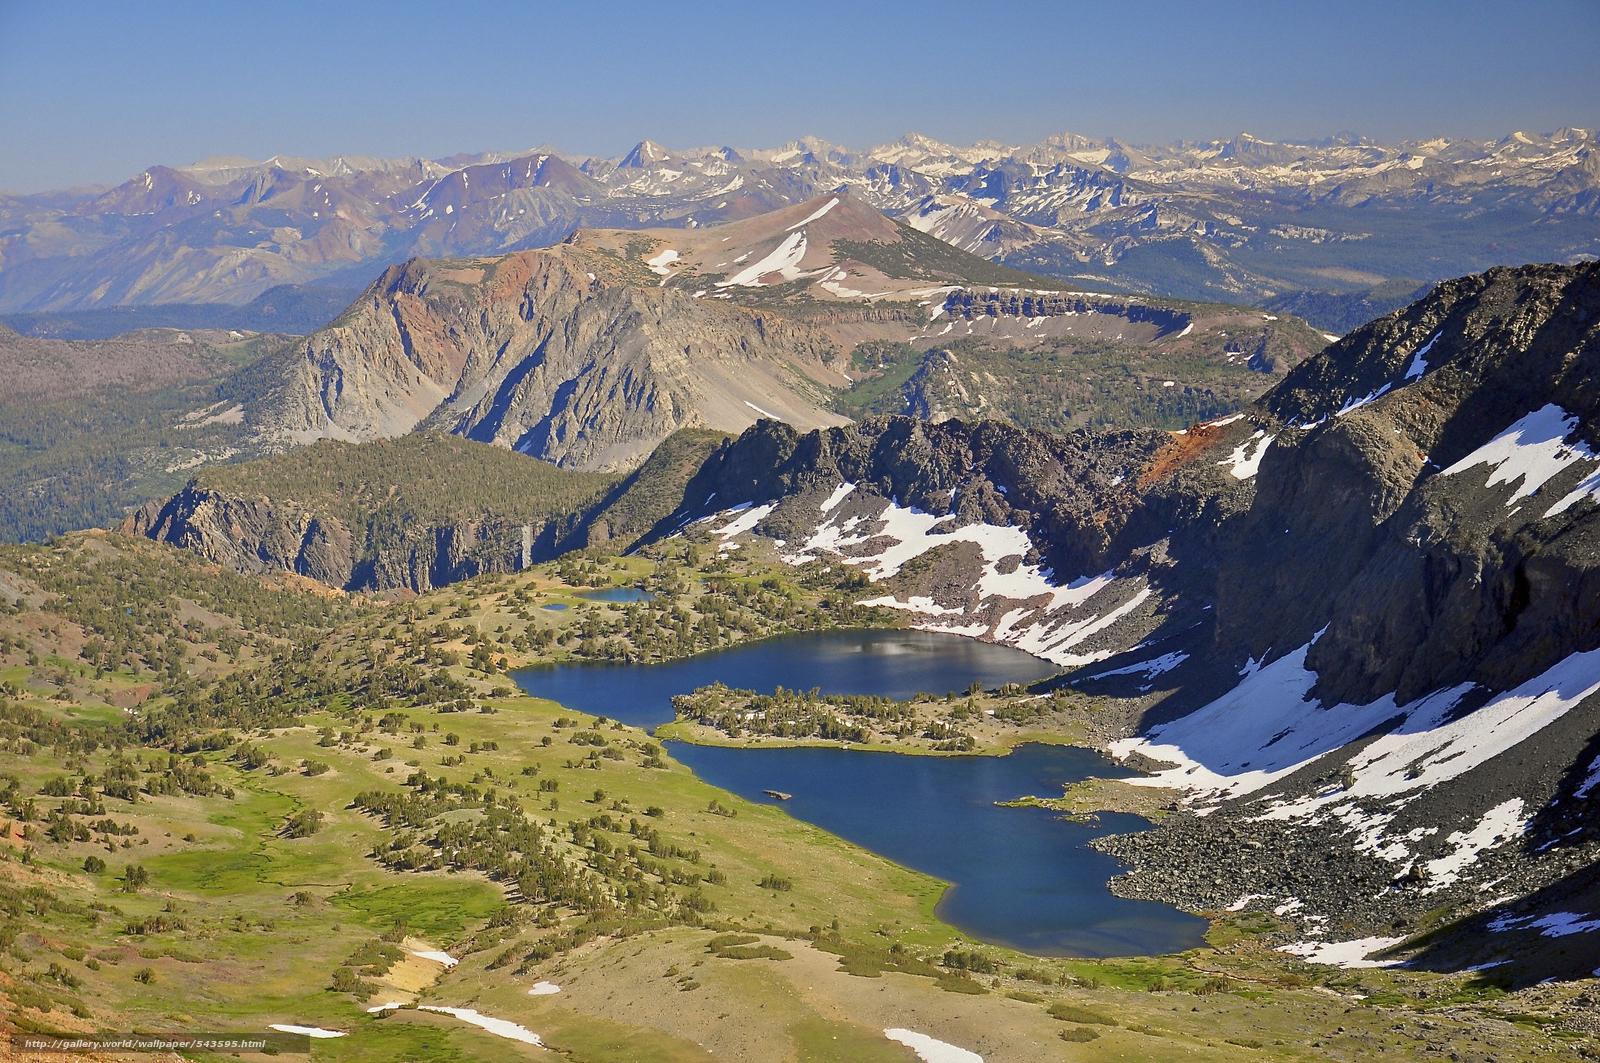 壁紙をダウンロード アルジェ湖 アンセル アダムスの荒野 カリフォルニア 米国 デスクトップの解像度のための無料壁紙 2144x1424 絵